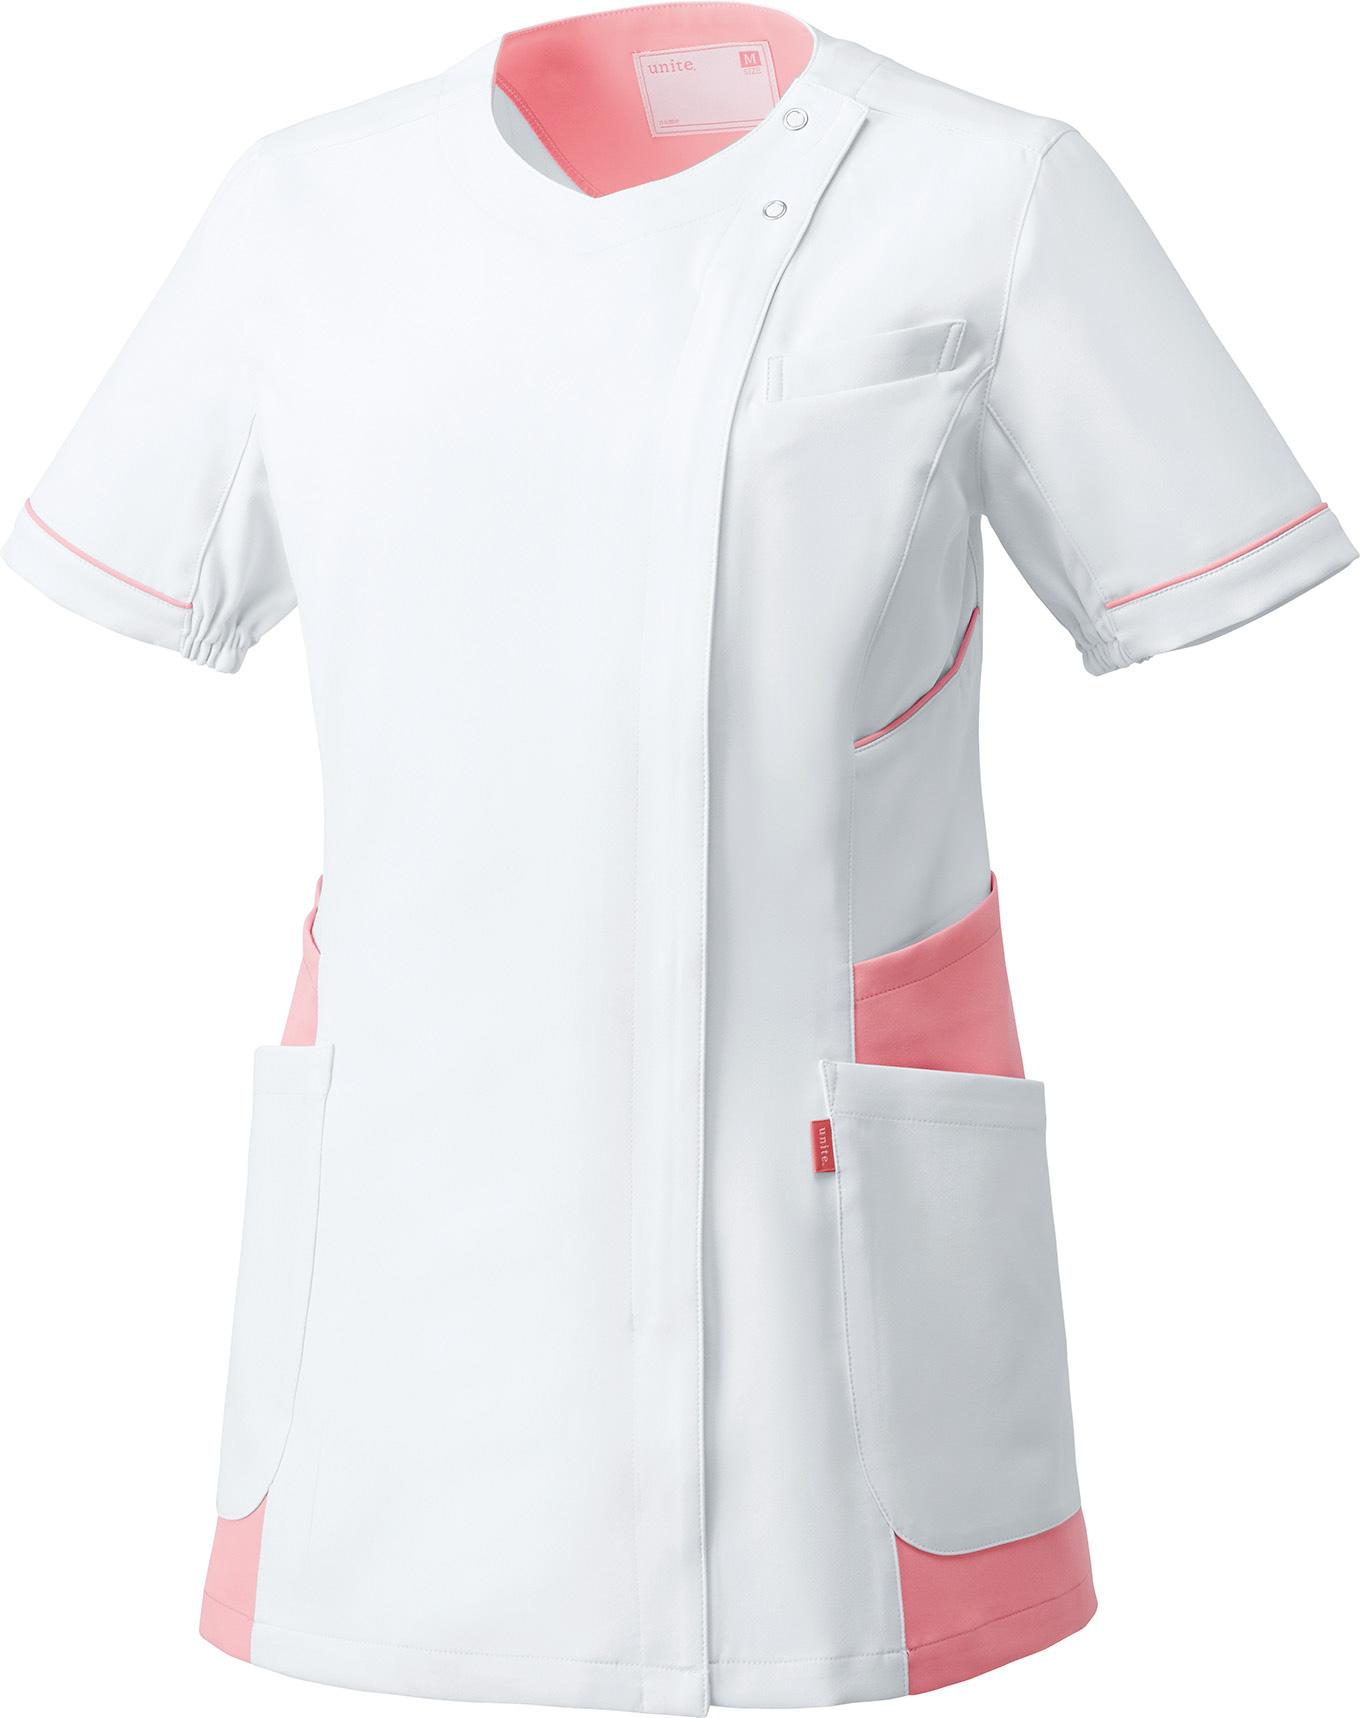 チュニック[女]販売。刺繍、プリント加工対応します。研修医、医療チームウェアに人気